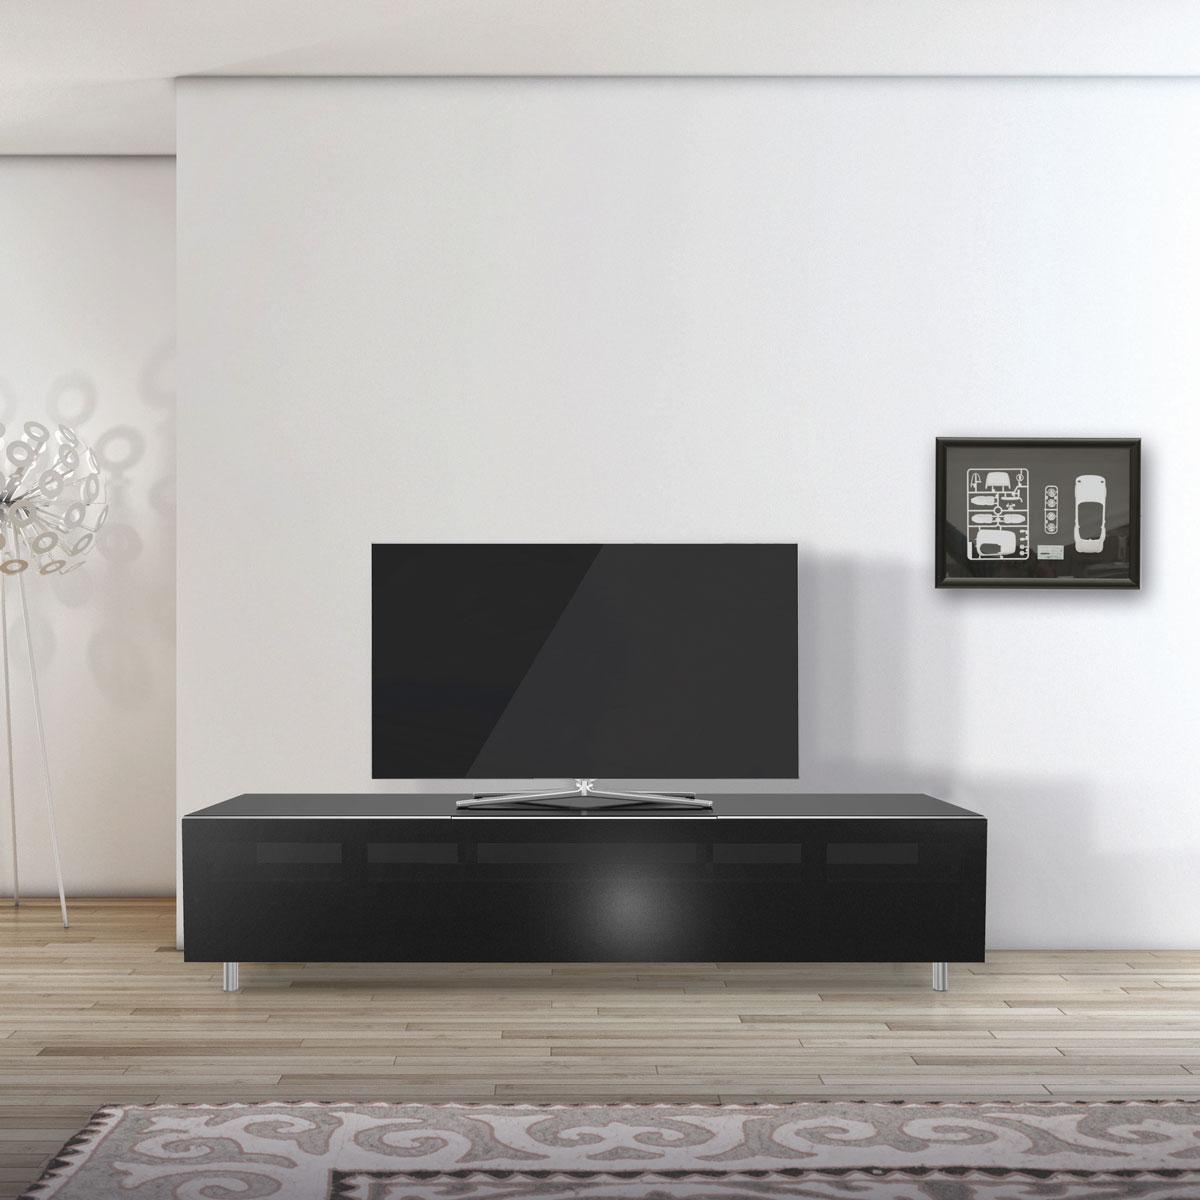 TV Möbel verglast. Soundbarintergration möglich. Mit Klappe. Unsichbare Kabelführung. Modell 1651S von Just Racks.